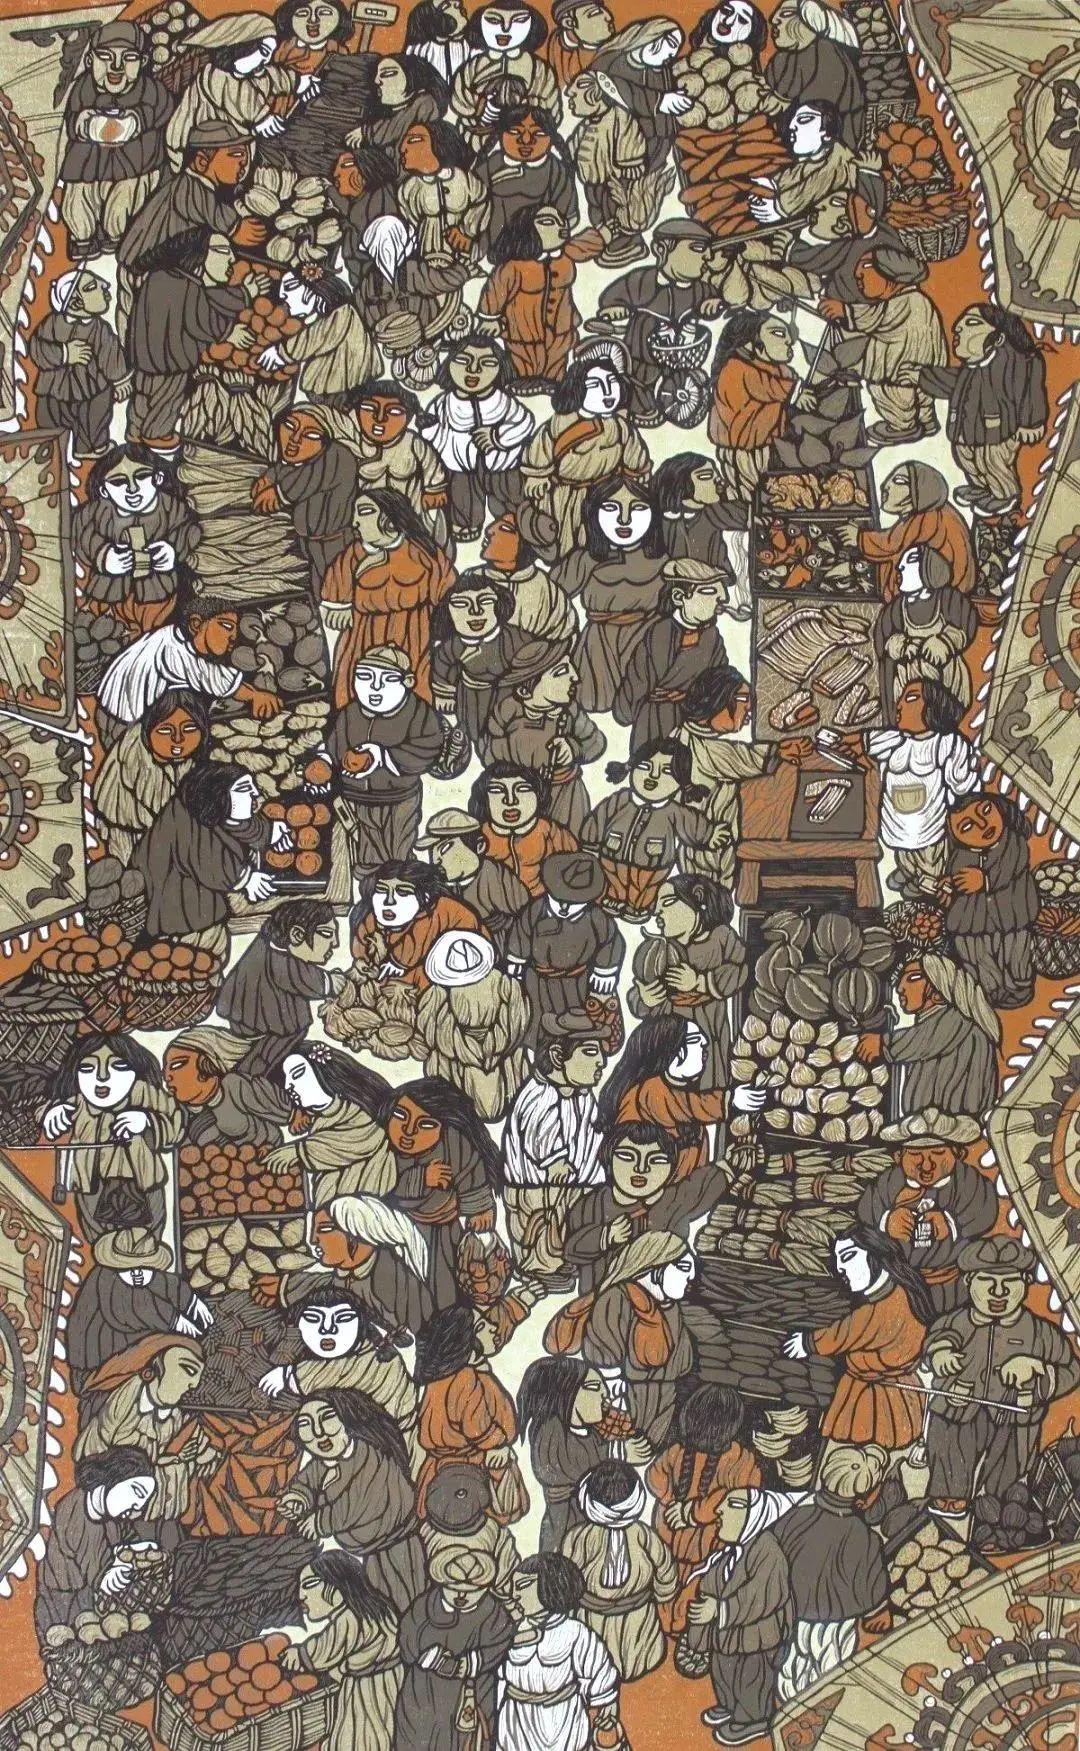 微展览丨哲里木版画:一把刻刀写给木板的传奇 第21张 微展览丨哲里木版画:一把刻刀写给木板的传奇 蒙古画廊